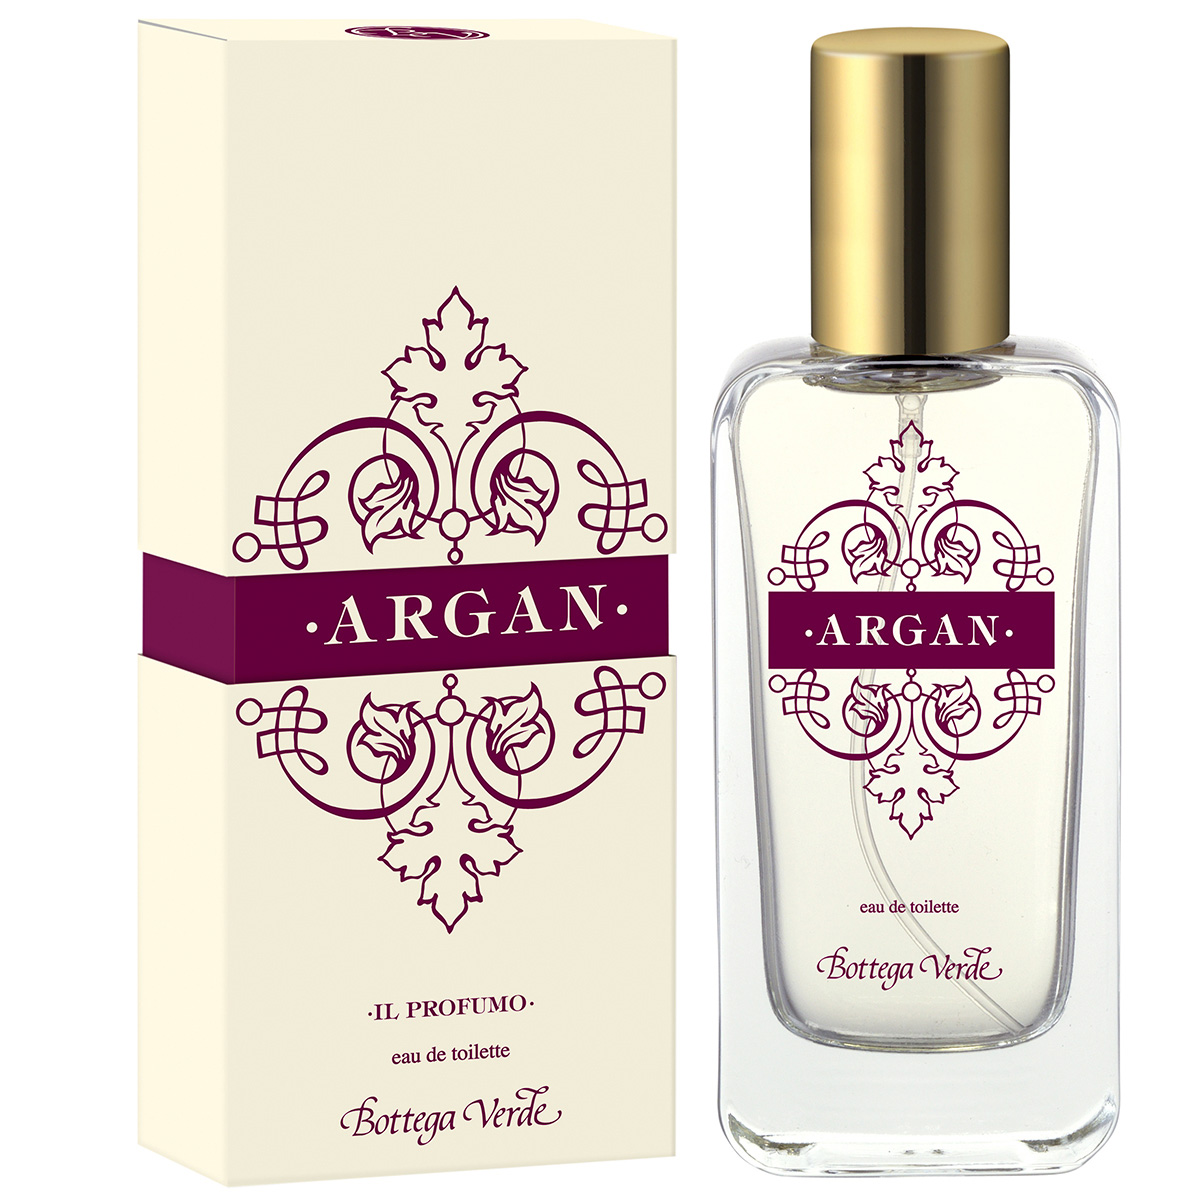 Parfum cu aroma de argan imagine produs